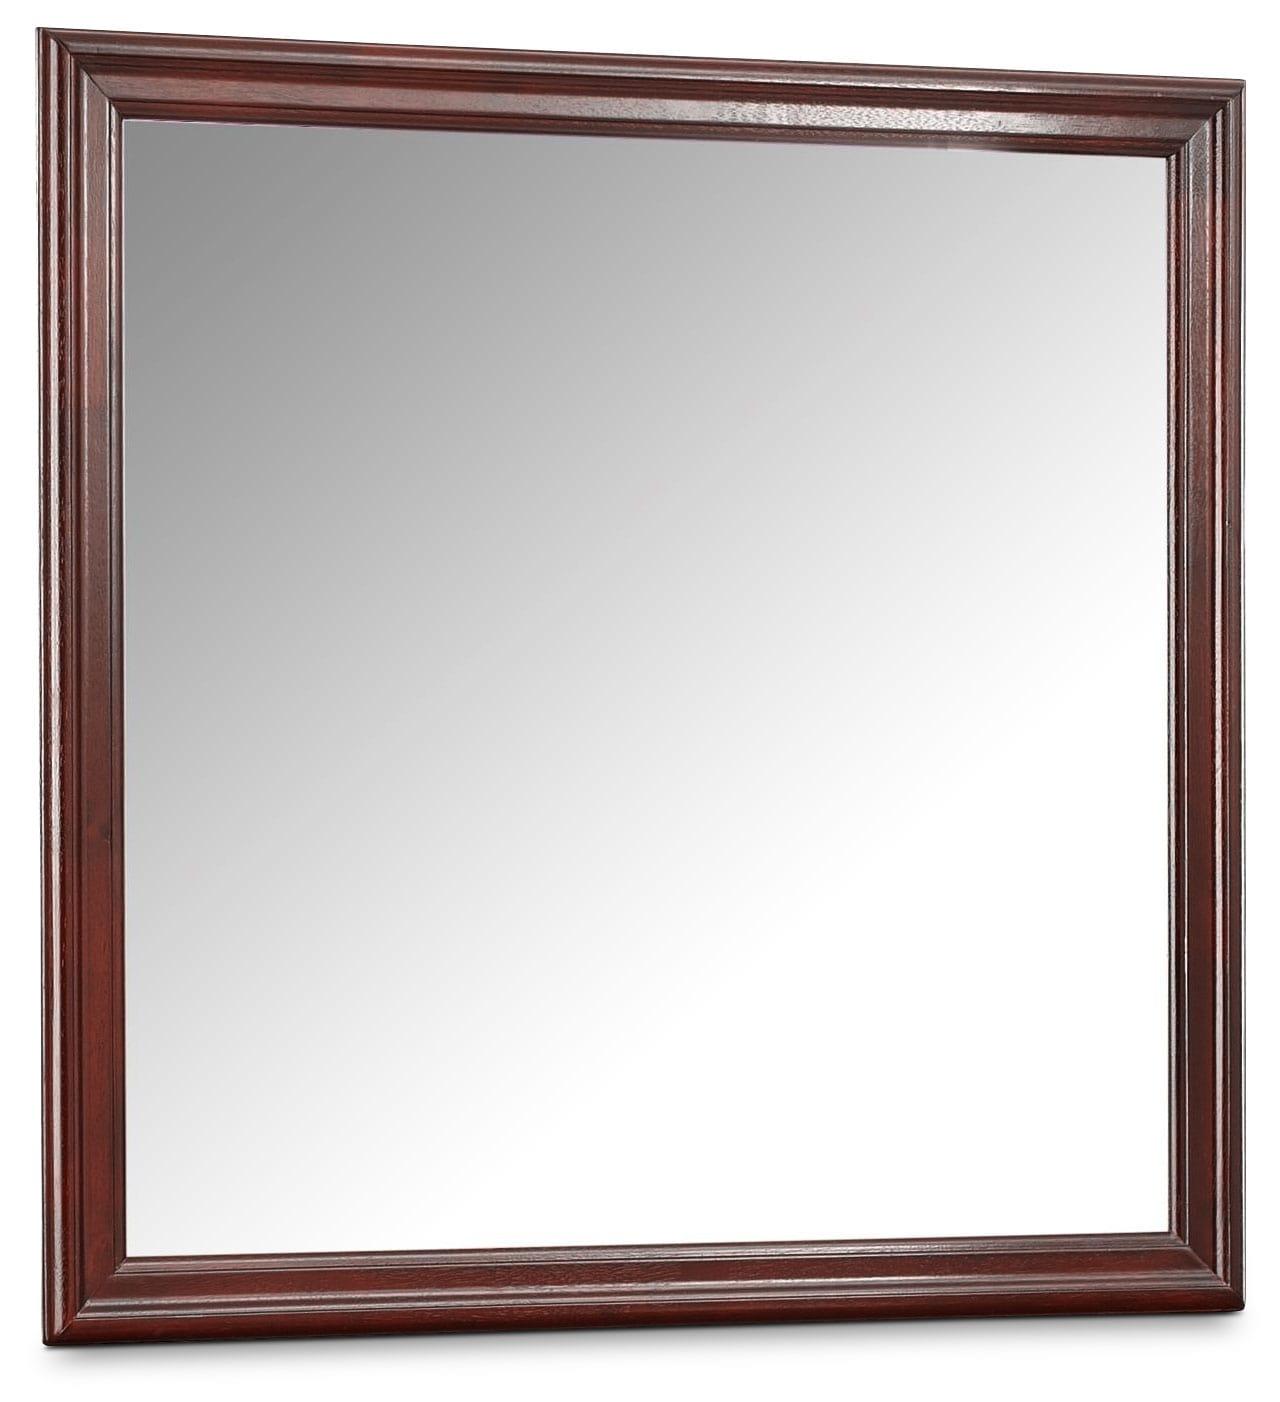 Belleview Mirror - Cherry